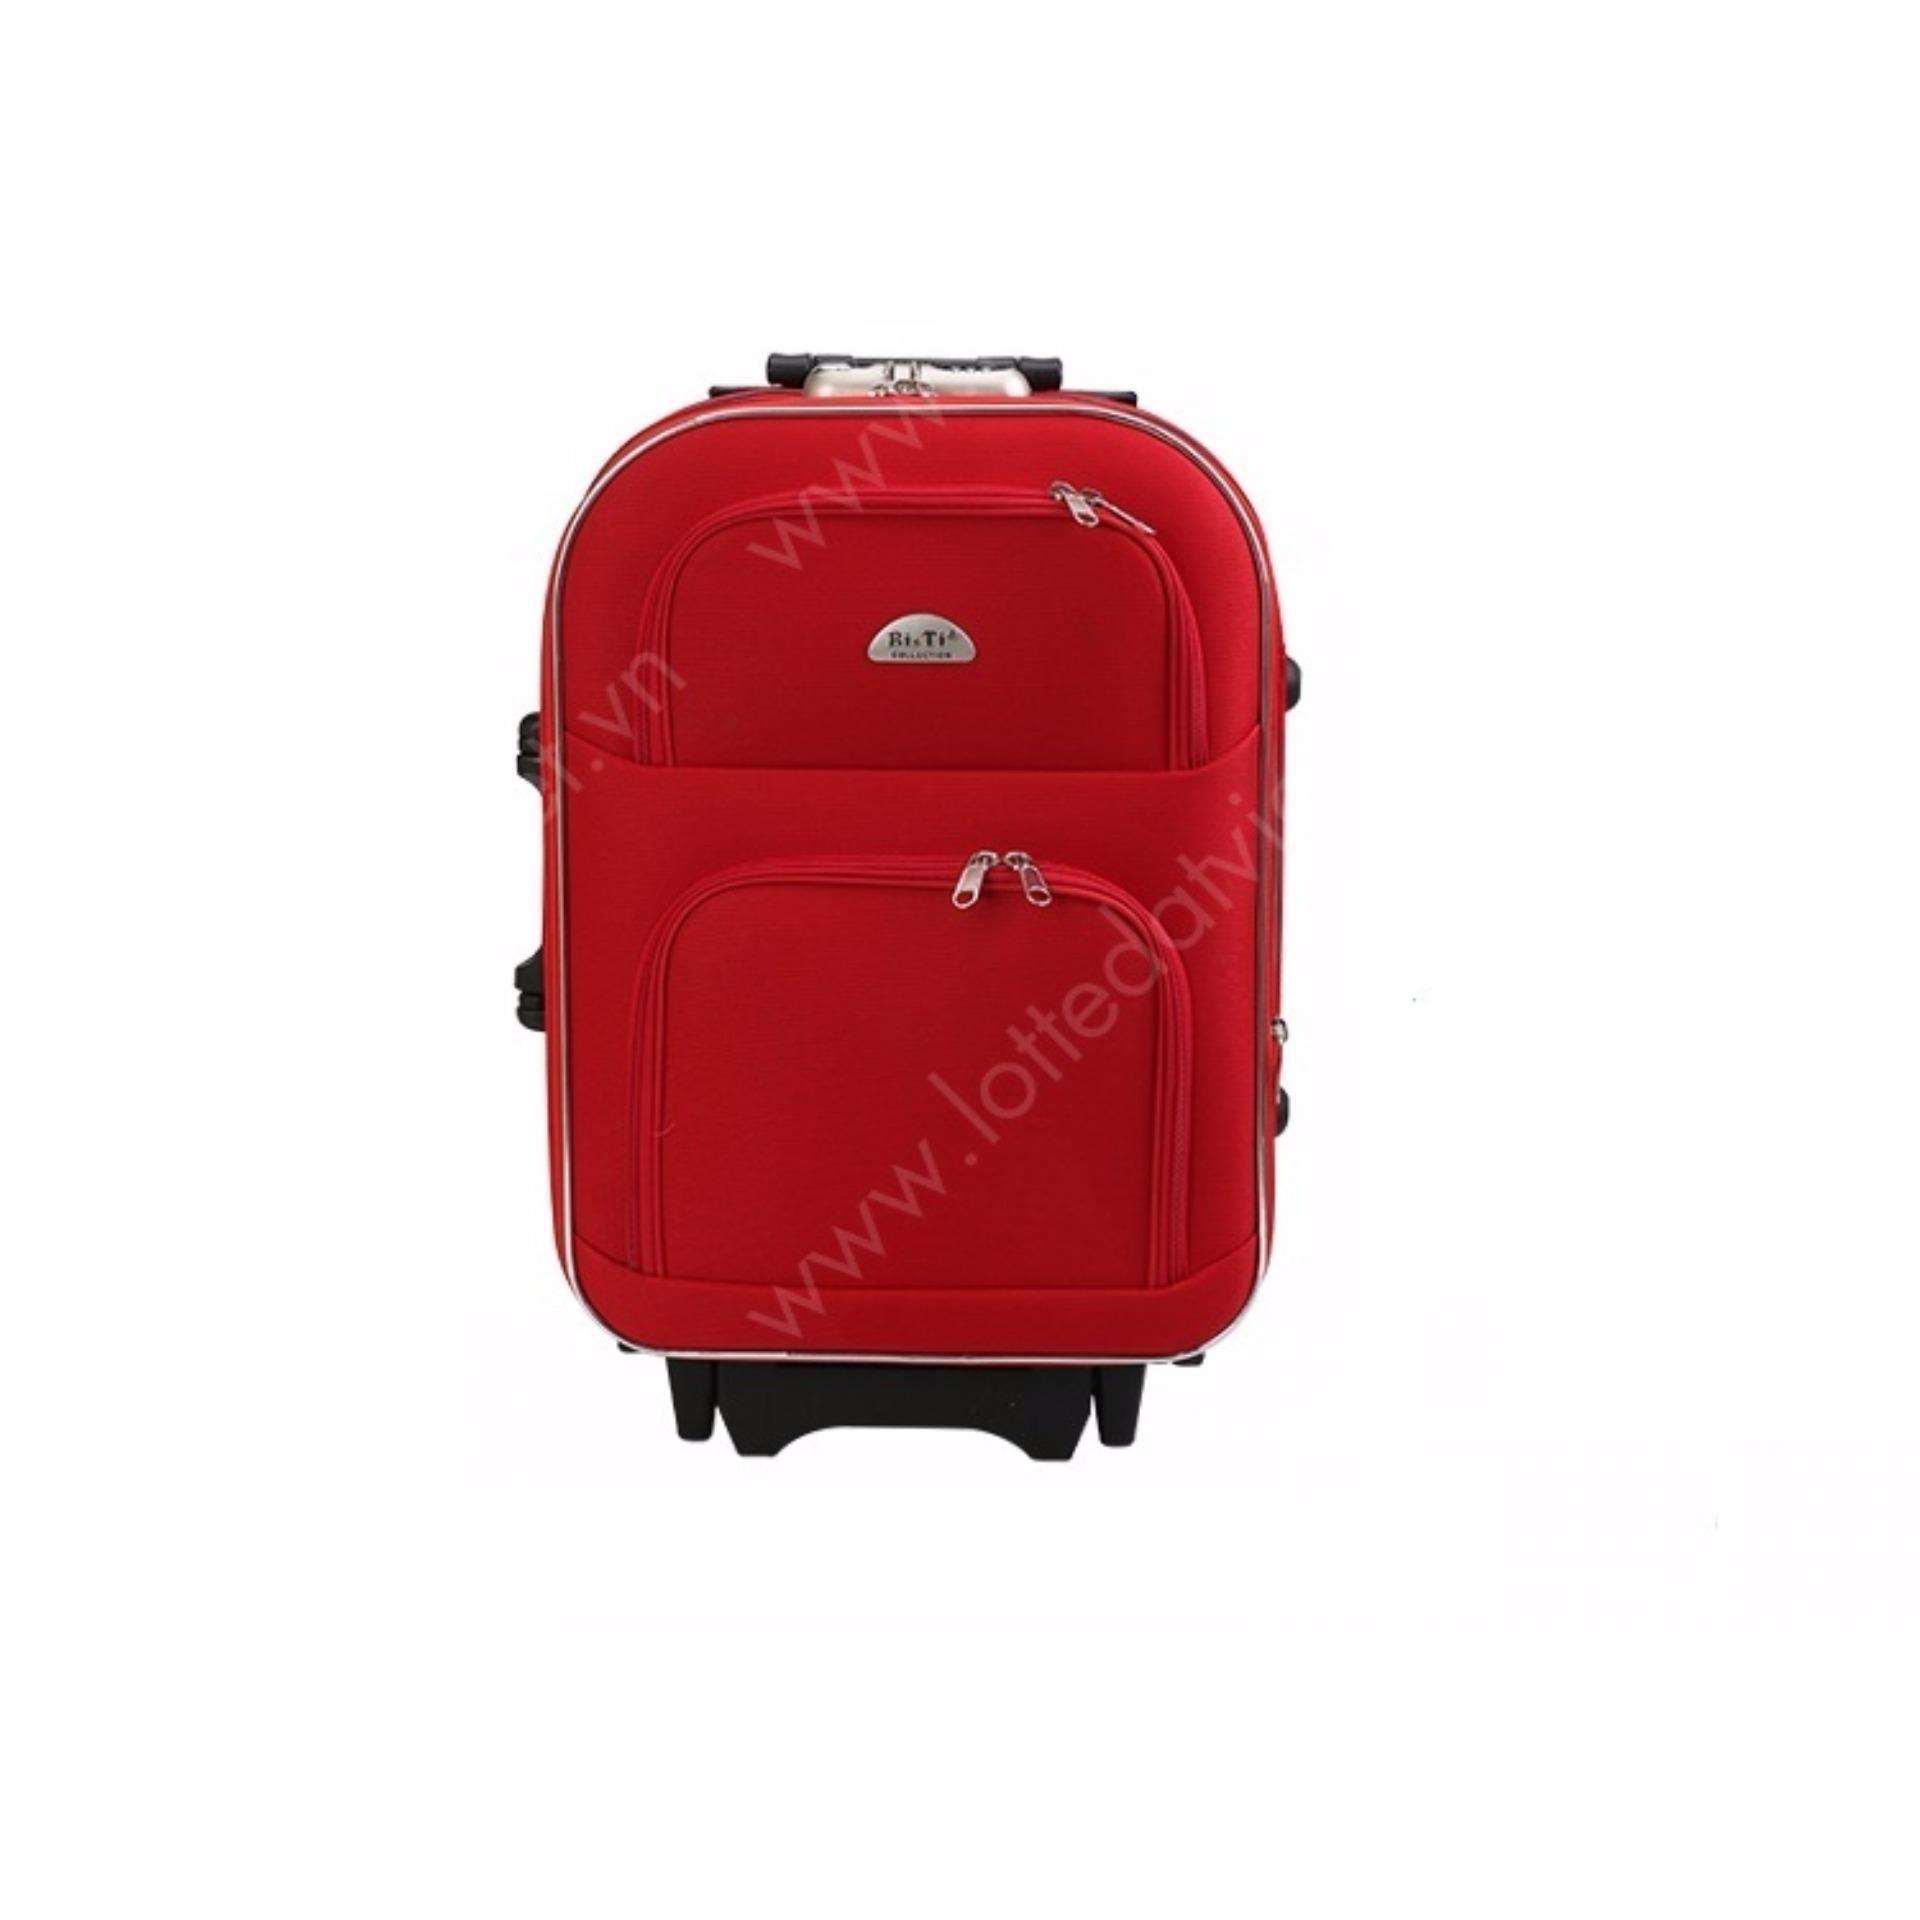 Vali du lịch kéo tay Bi&Ti 20 inch (Đỏ) 325